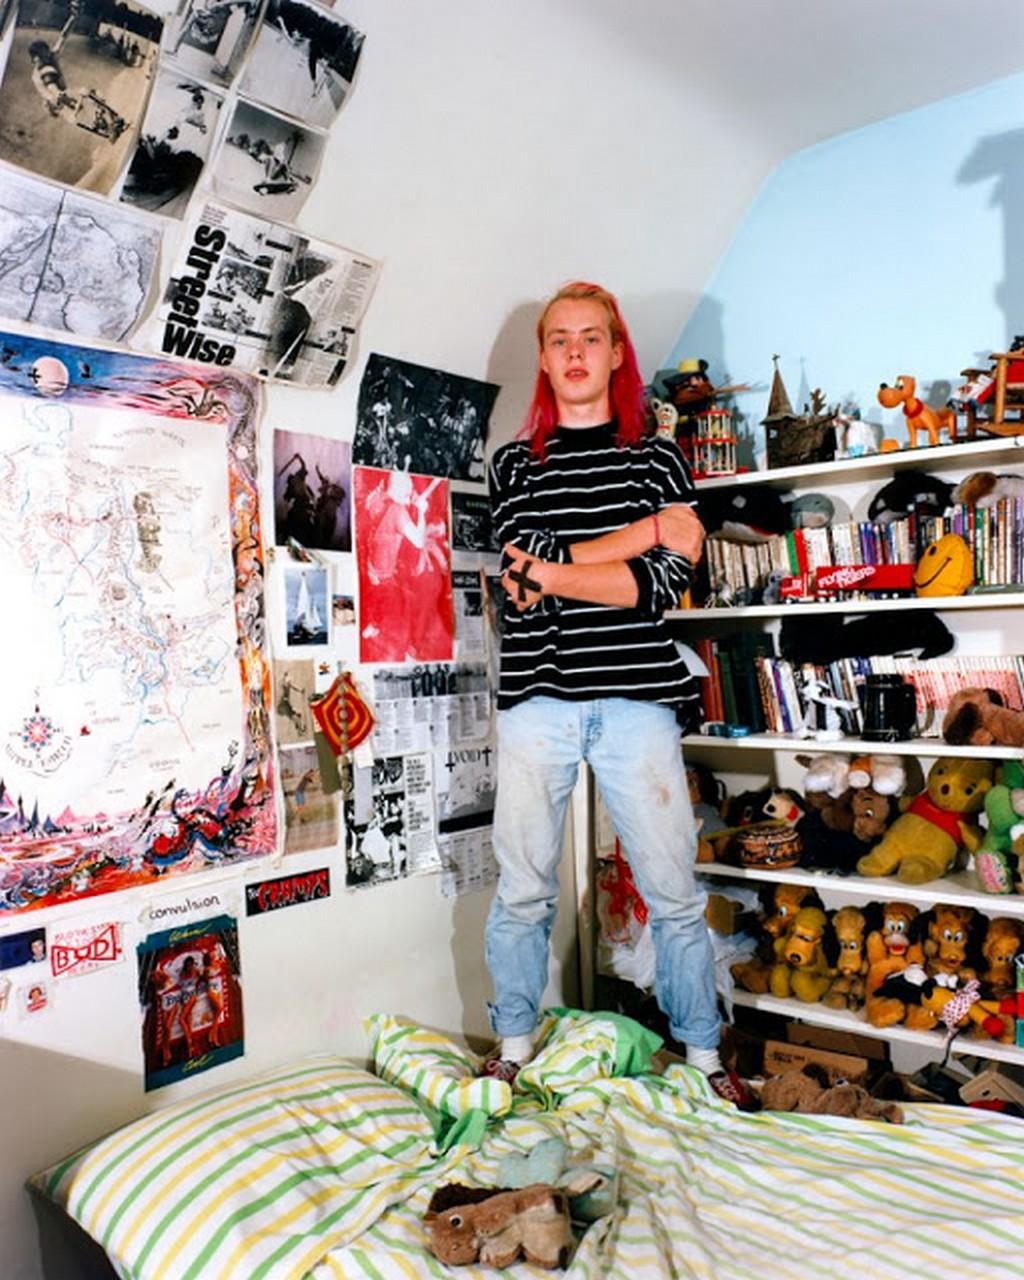 adrienne-salinger-teenagers-1990s-13.jpg